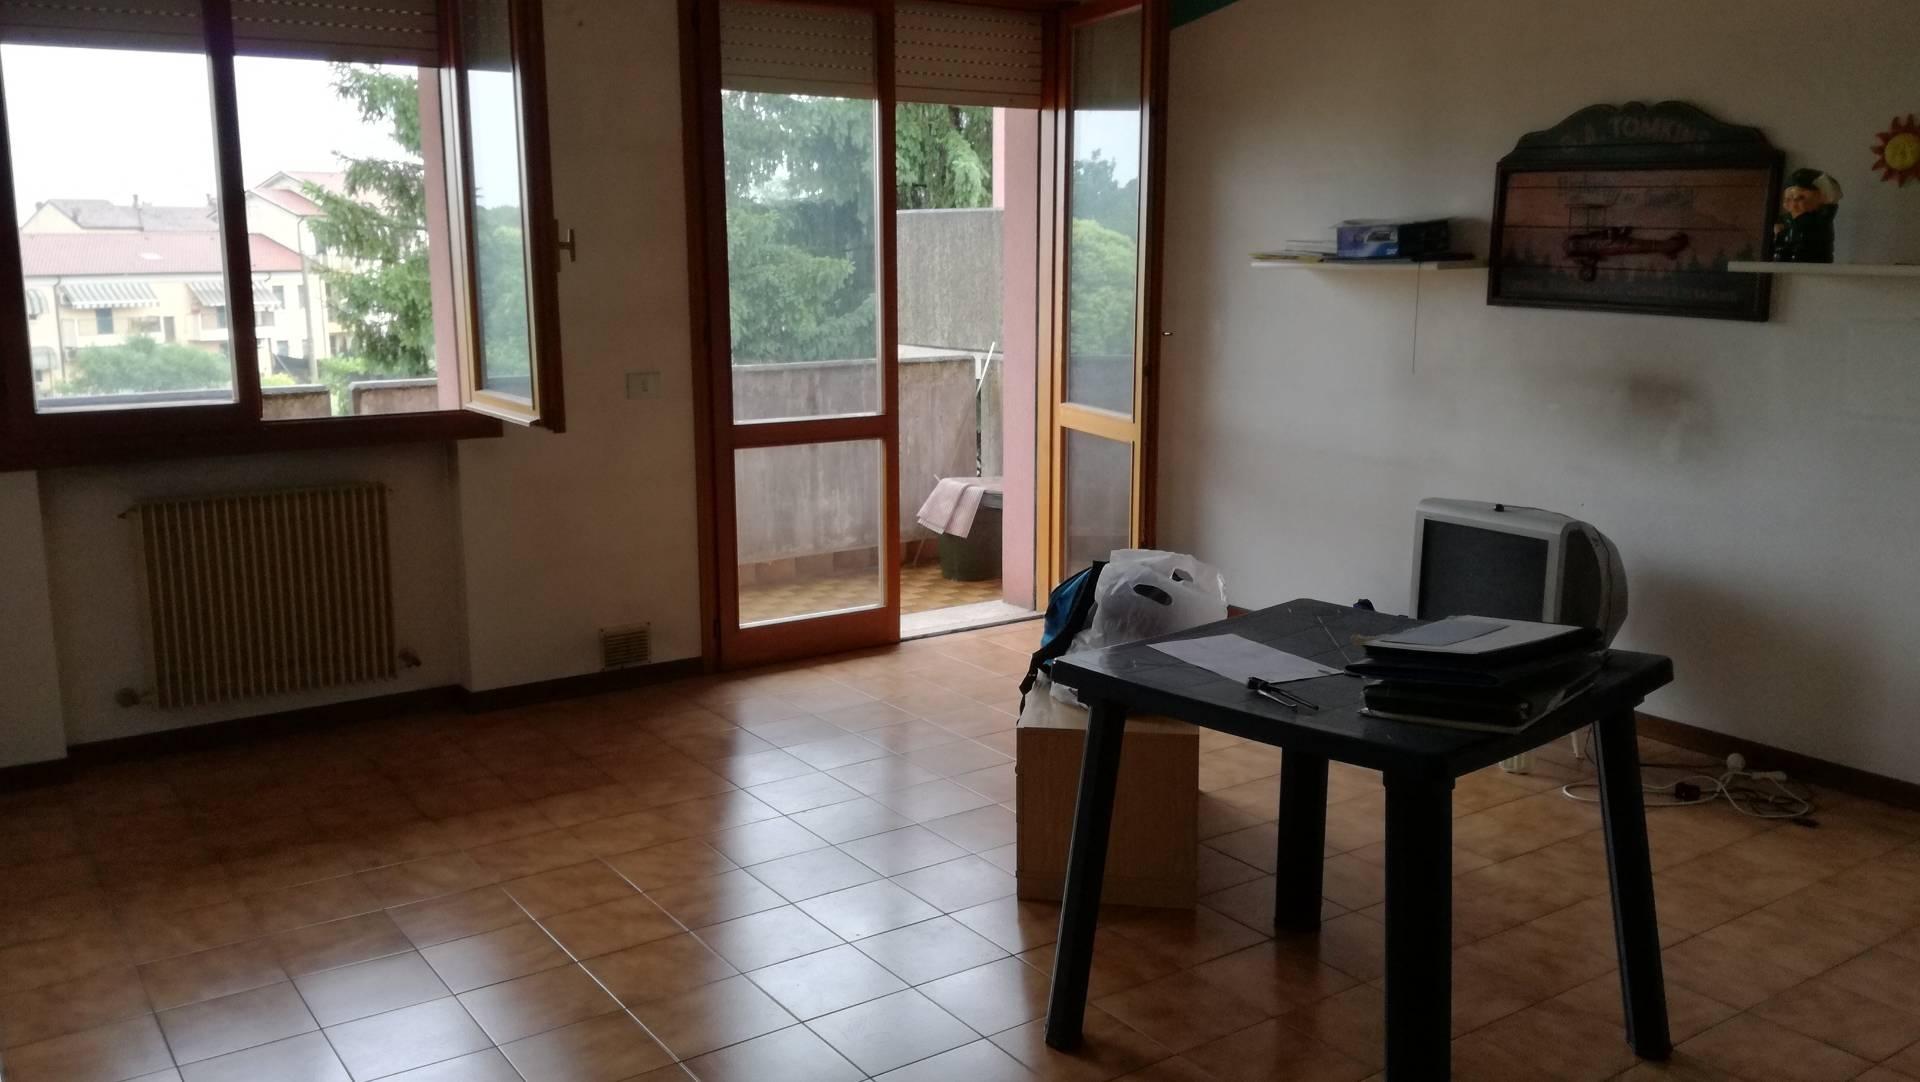 Appartamento in vendita a Vazzola, 3 locali, prezzo € 65.000   CambioCasa.it